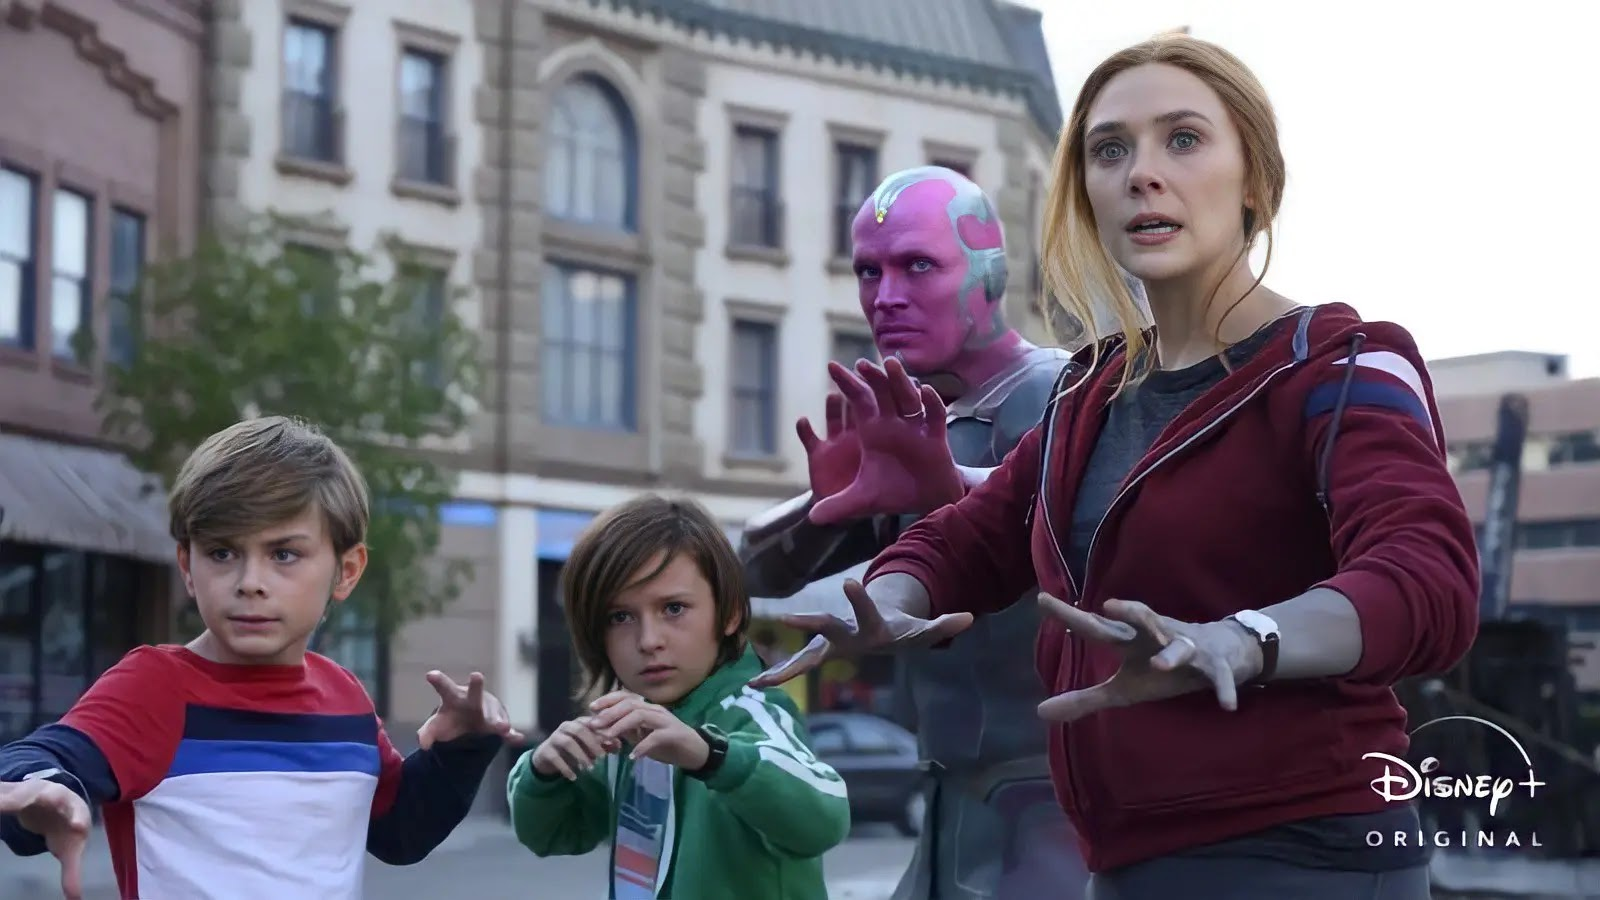 Marvel Chief Kevin Feige answered WandaVision Season 2 :「ワンダヴィジョン」のシーズン 2 について、 シネマティック・ユニバース仕掛け人のケヴィンが、スカーレット・ウィッチの新たな活躍をほのめかした ! !